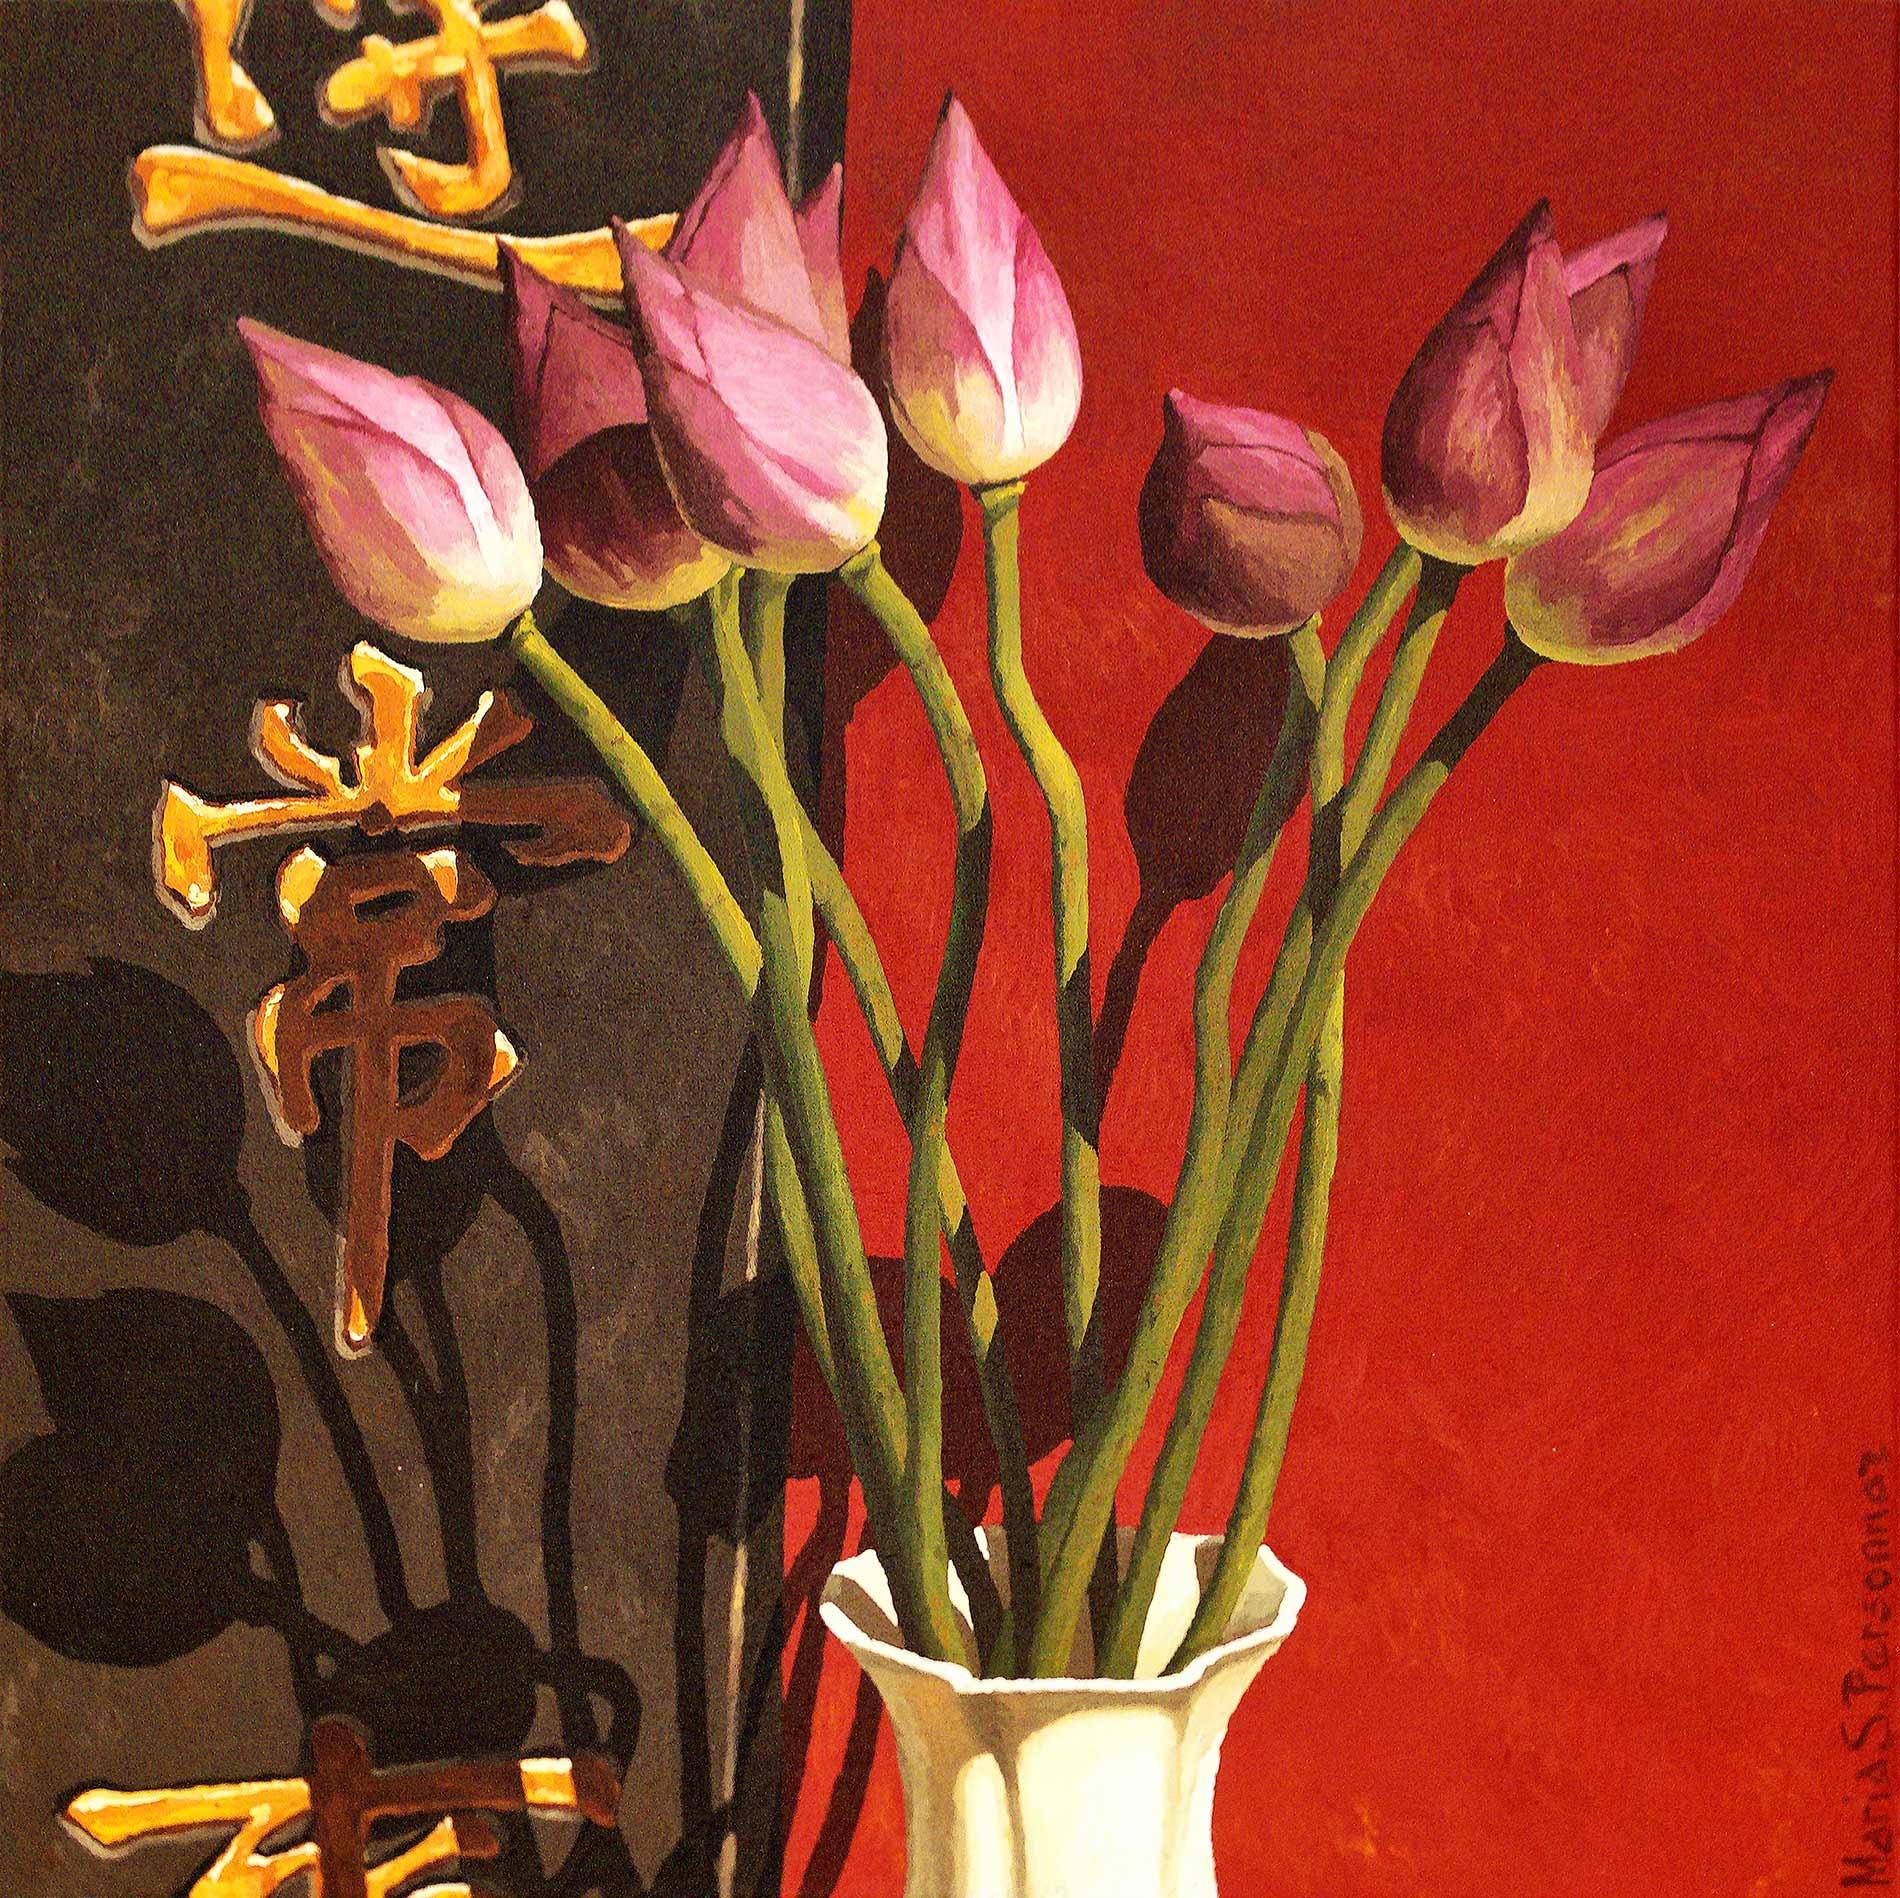 Ten lotus buds